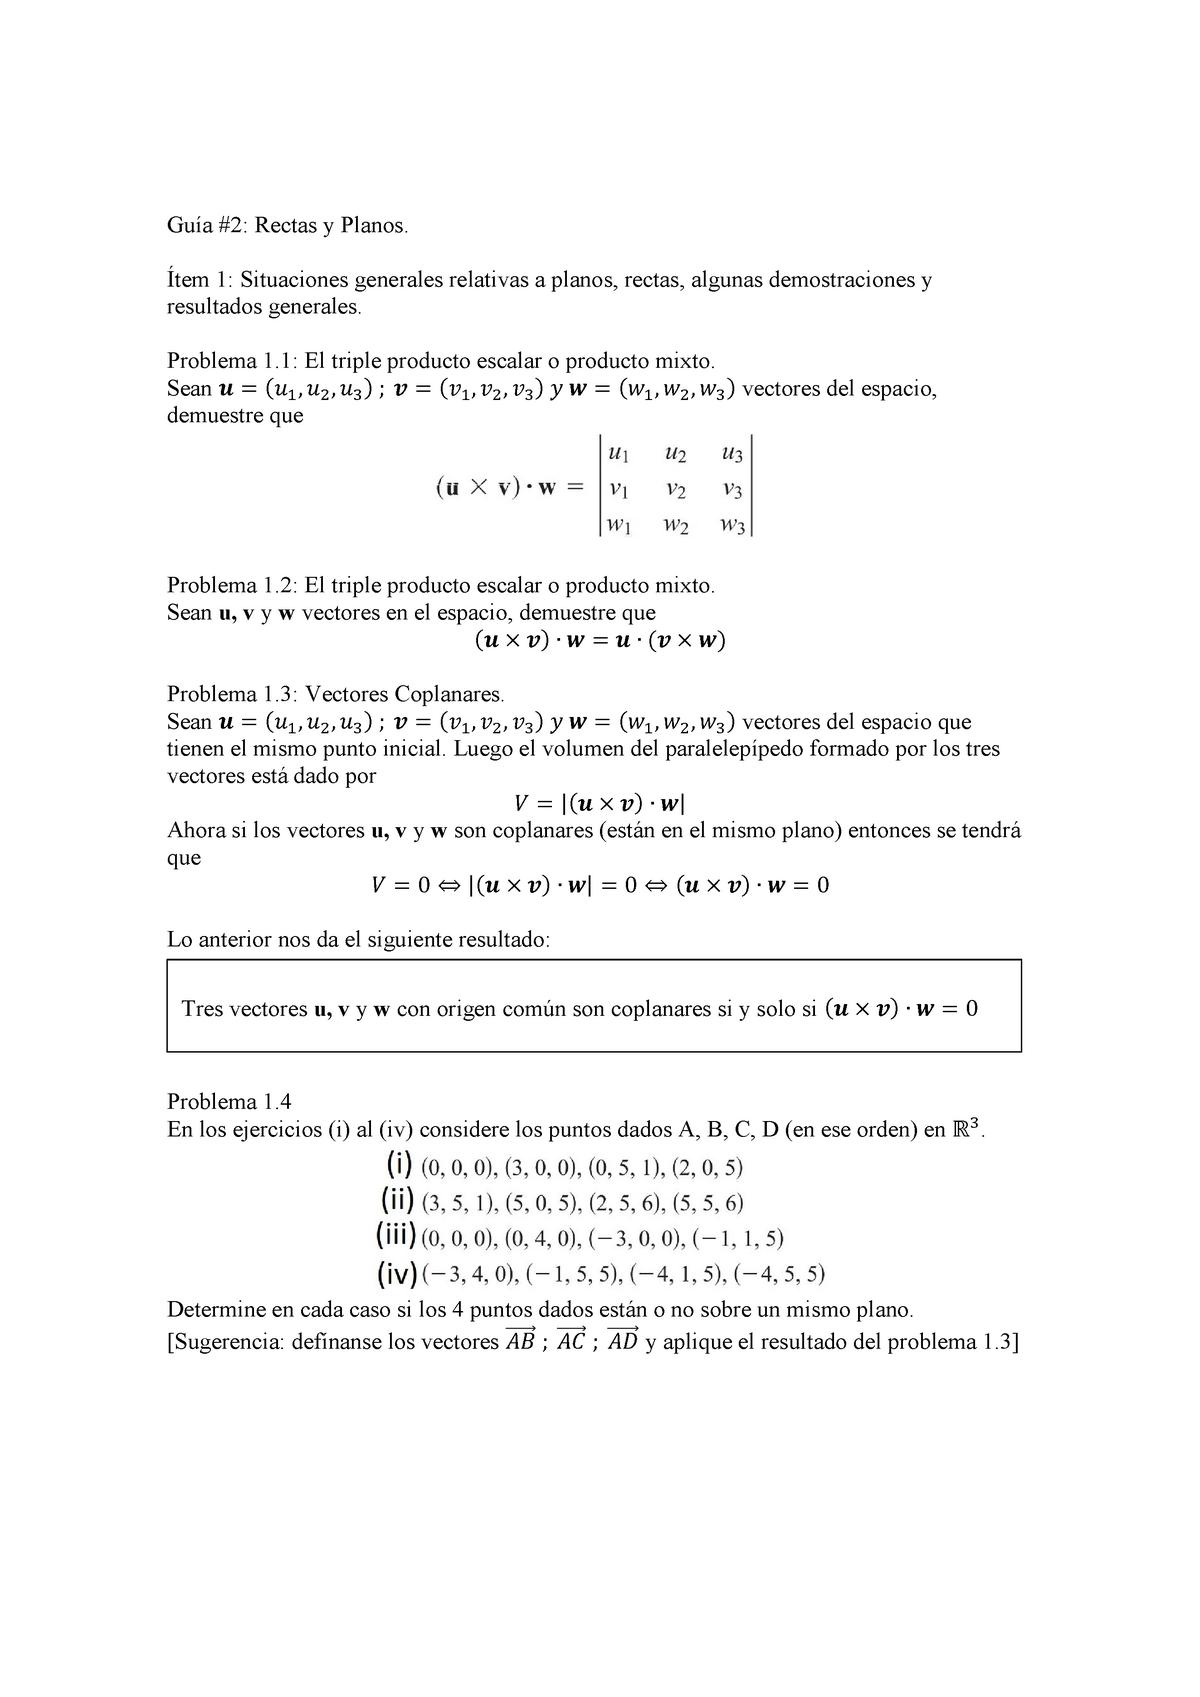 GUIA 2 Rectas y Planos - Guia de ejercicios de algebra